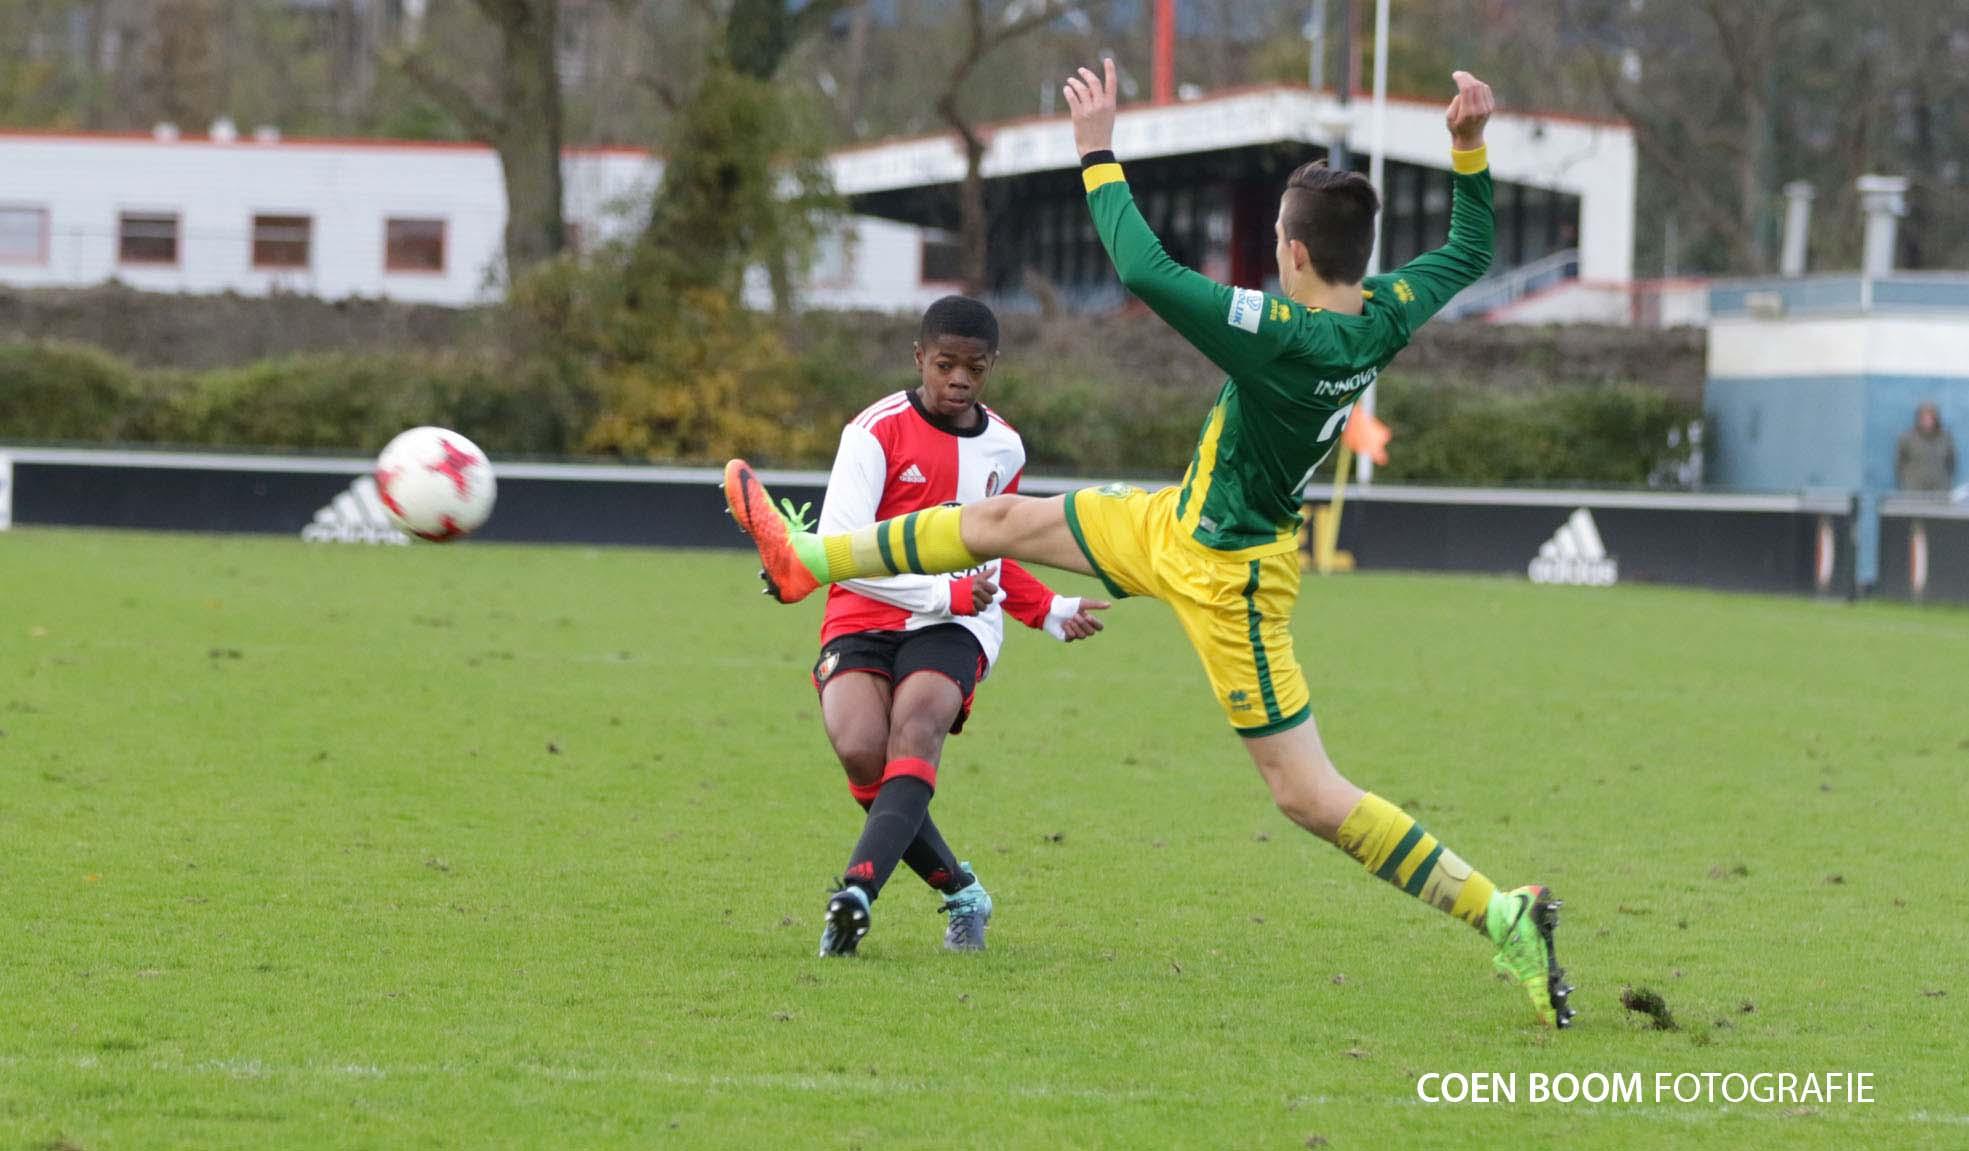 Gratis Kleurplaten Sport.Uniek Gratis Kleurplaten Van Fc De Kampioenen Klupaats Website